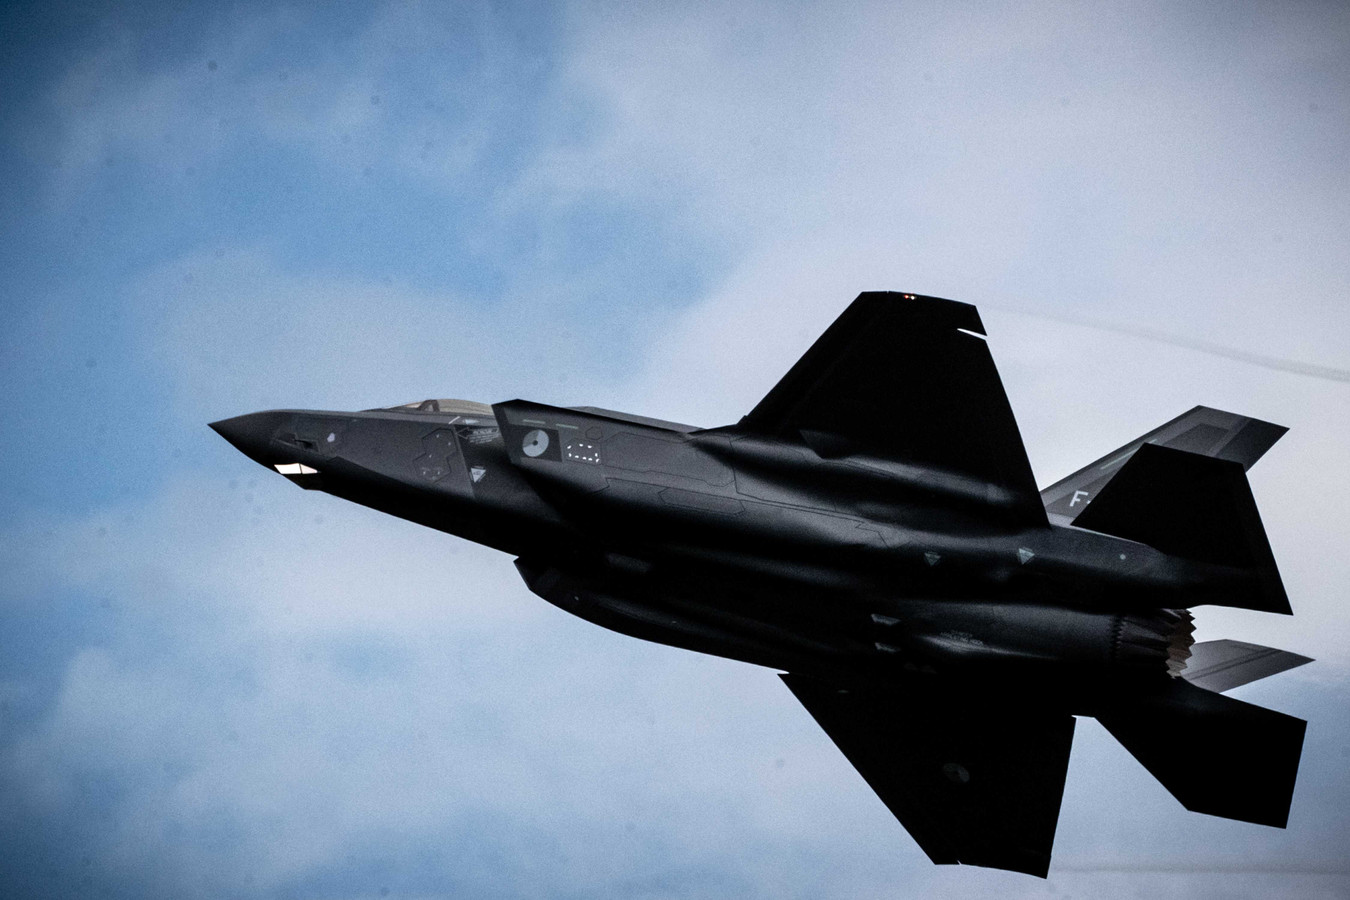 De eerste Nederlandse F-35, de Joint Strike Fighter, in actie tijdens de Luchtmachtdagen 2019 op vliegbasis Volkel.